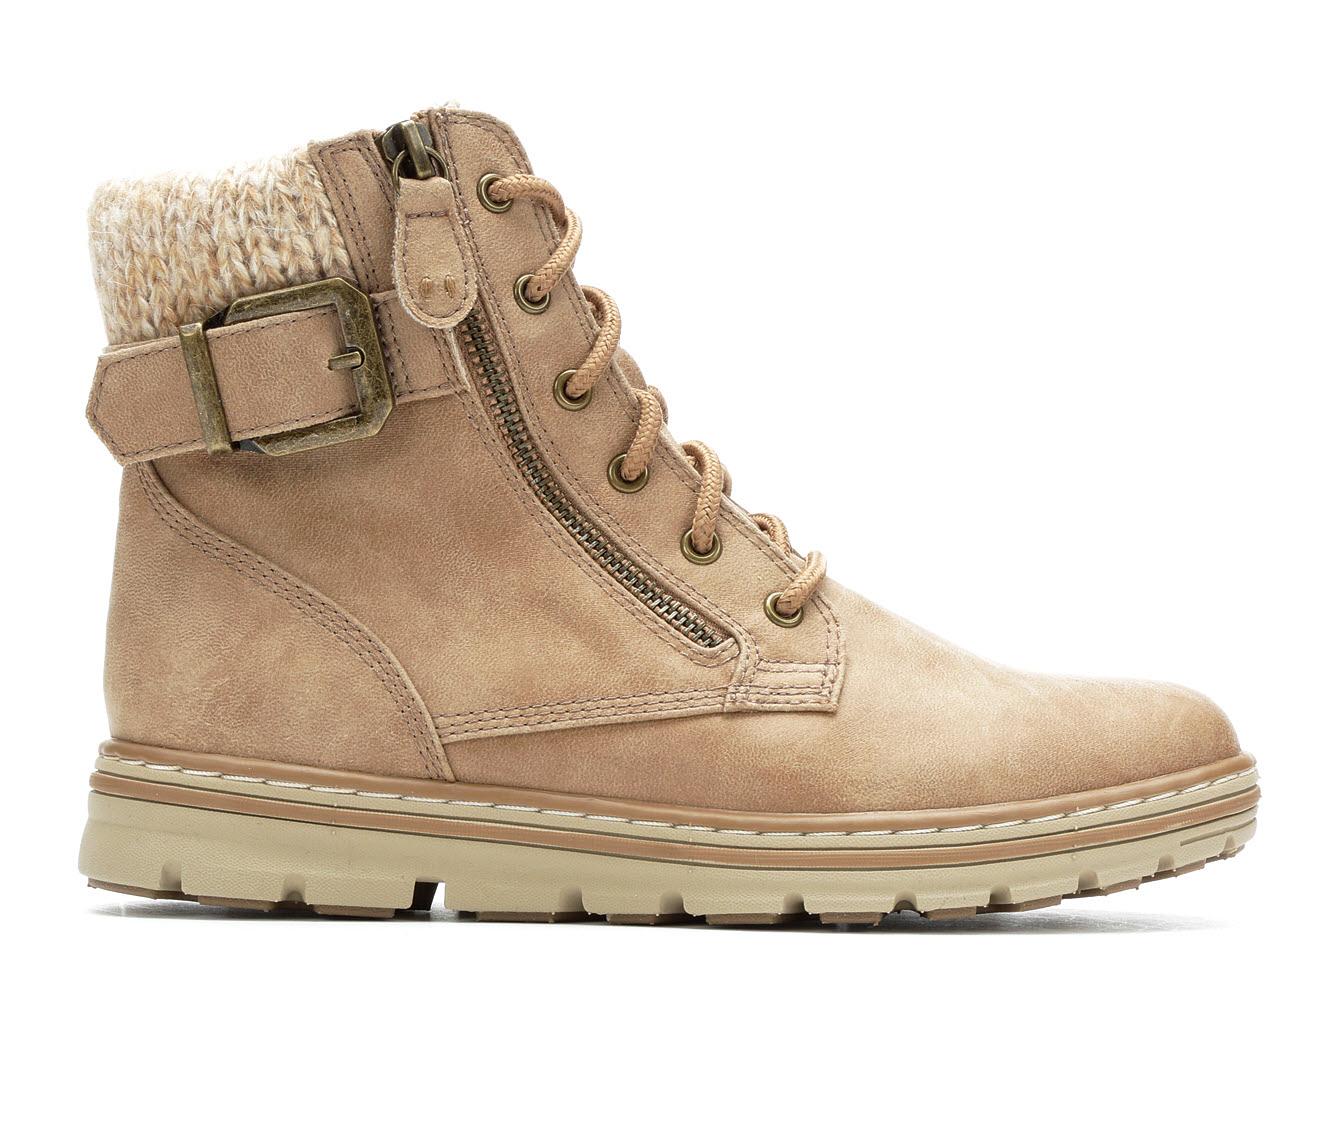 Cliffs Kelsie Women's Boot (Beige Faux Leather)